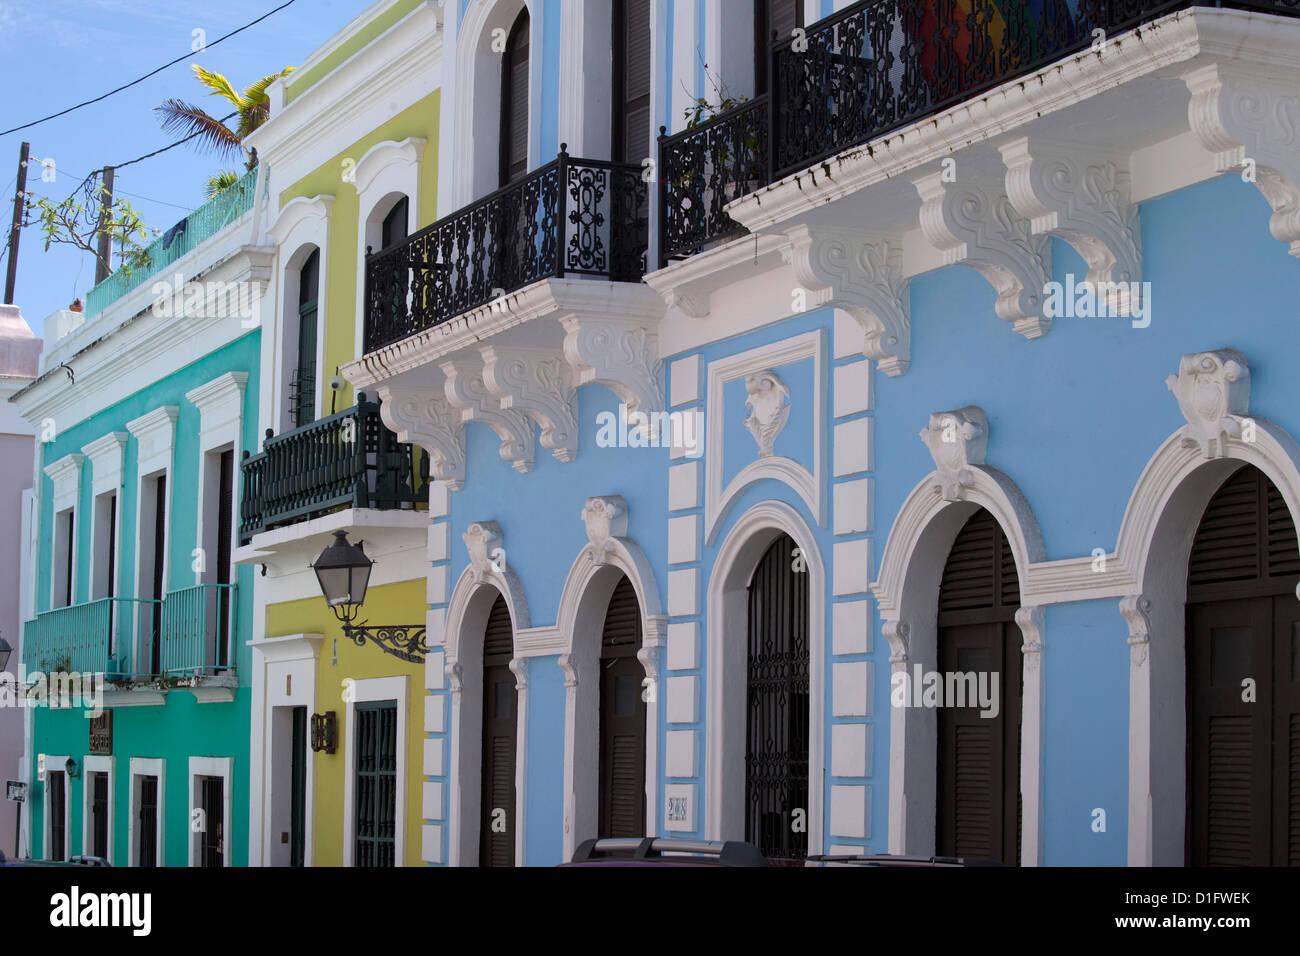 La ciudad colonial, San Juan, Puerto Rico, Antillas, Caribe, Estados Unidos de América, América Central Imagen De Stock